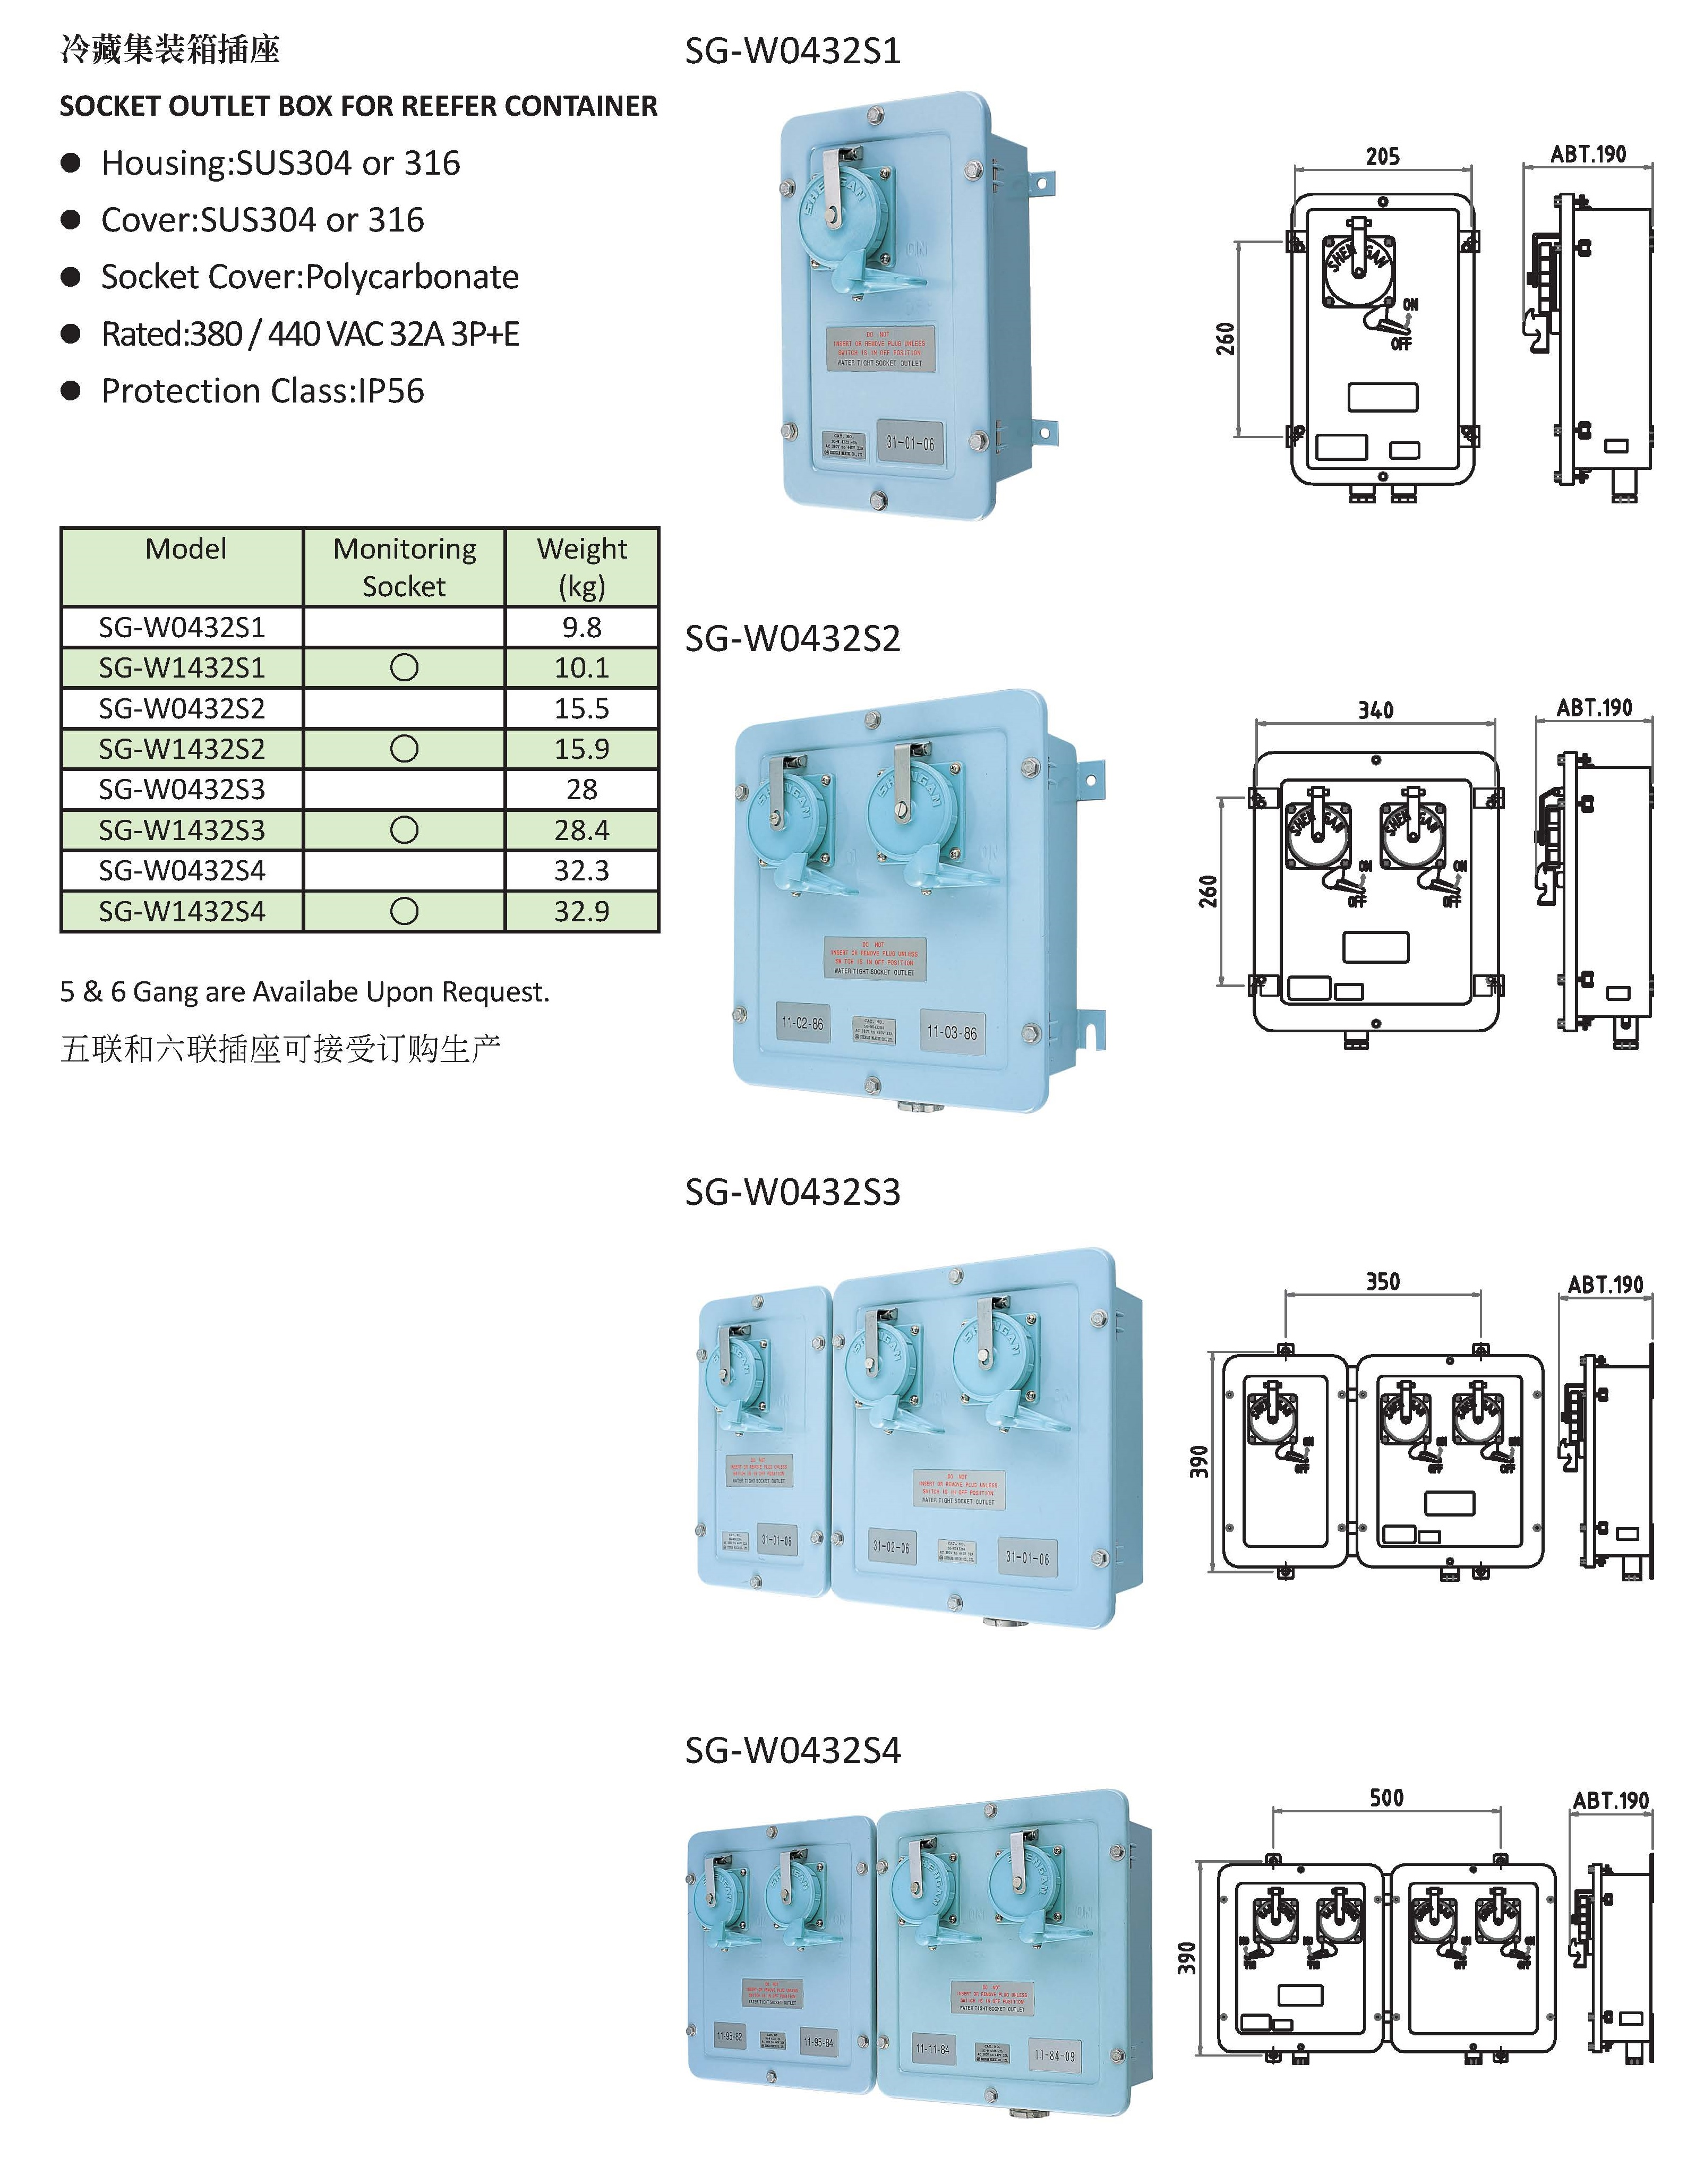 E132-SG-W0432S1.jpg